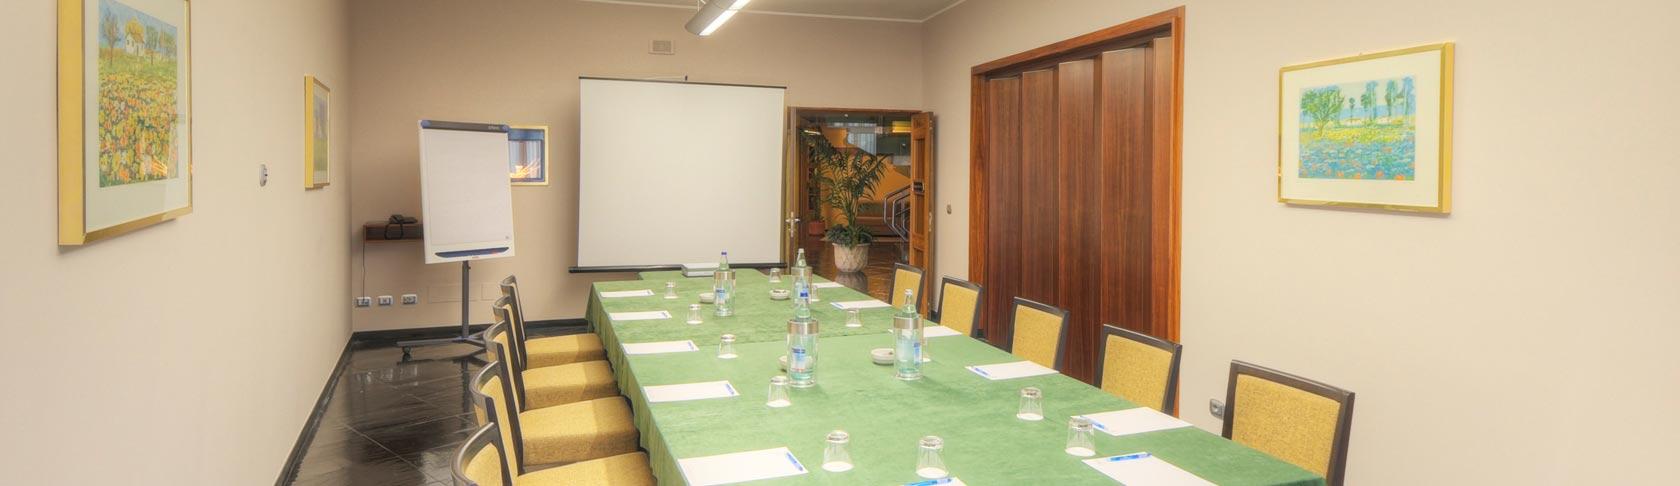 meeting_002